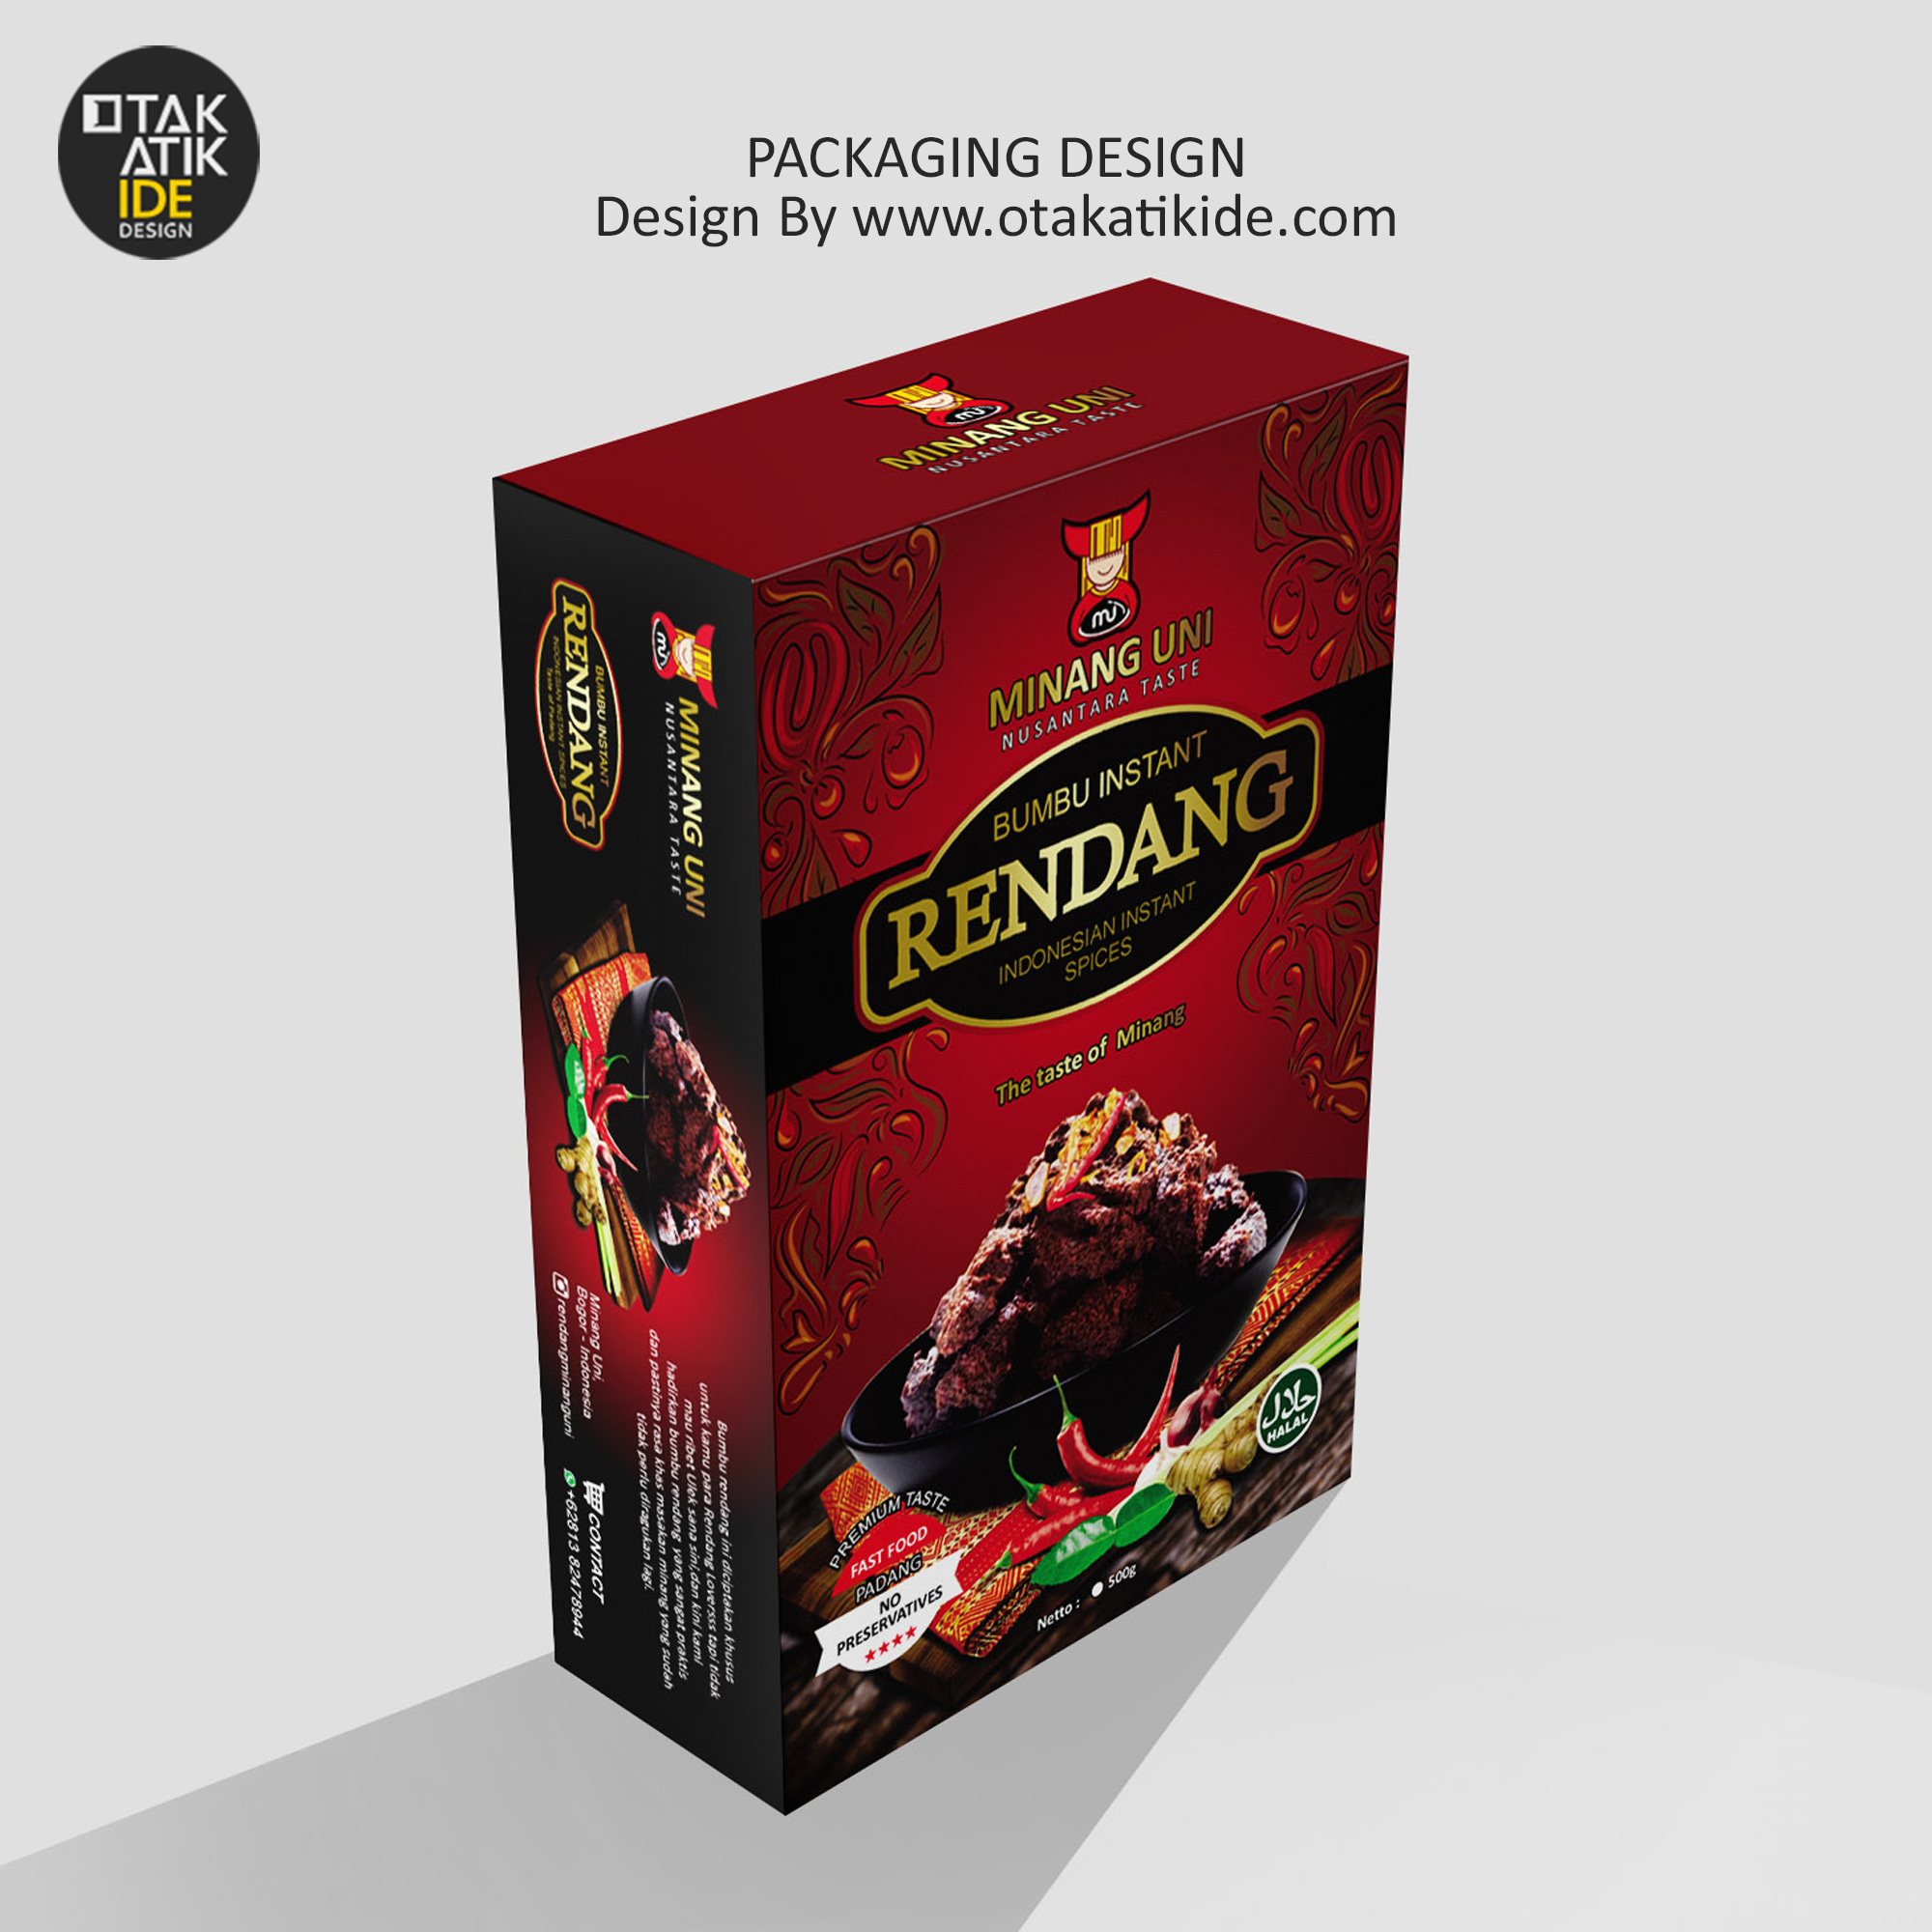 Packaging Makanan: Desain Packaging Produk Makanan - Otakatikide